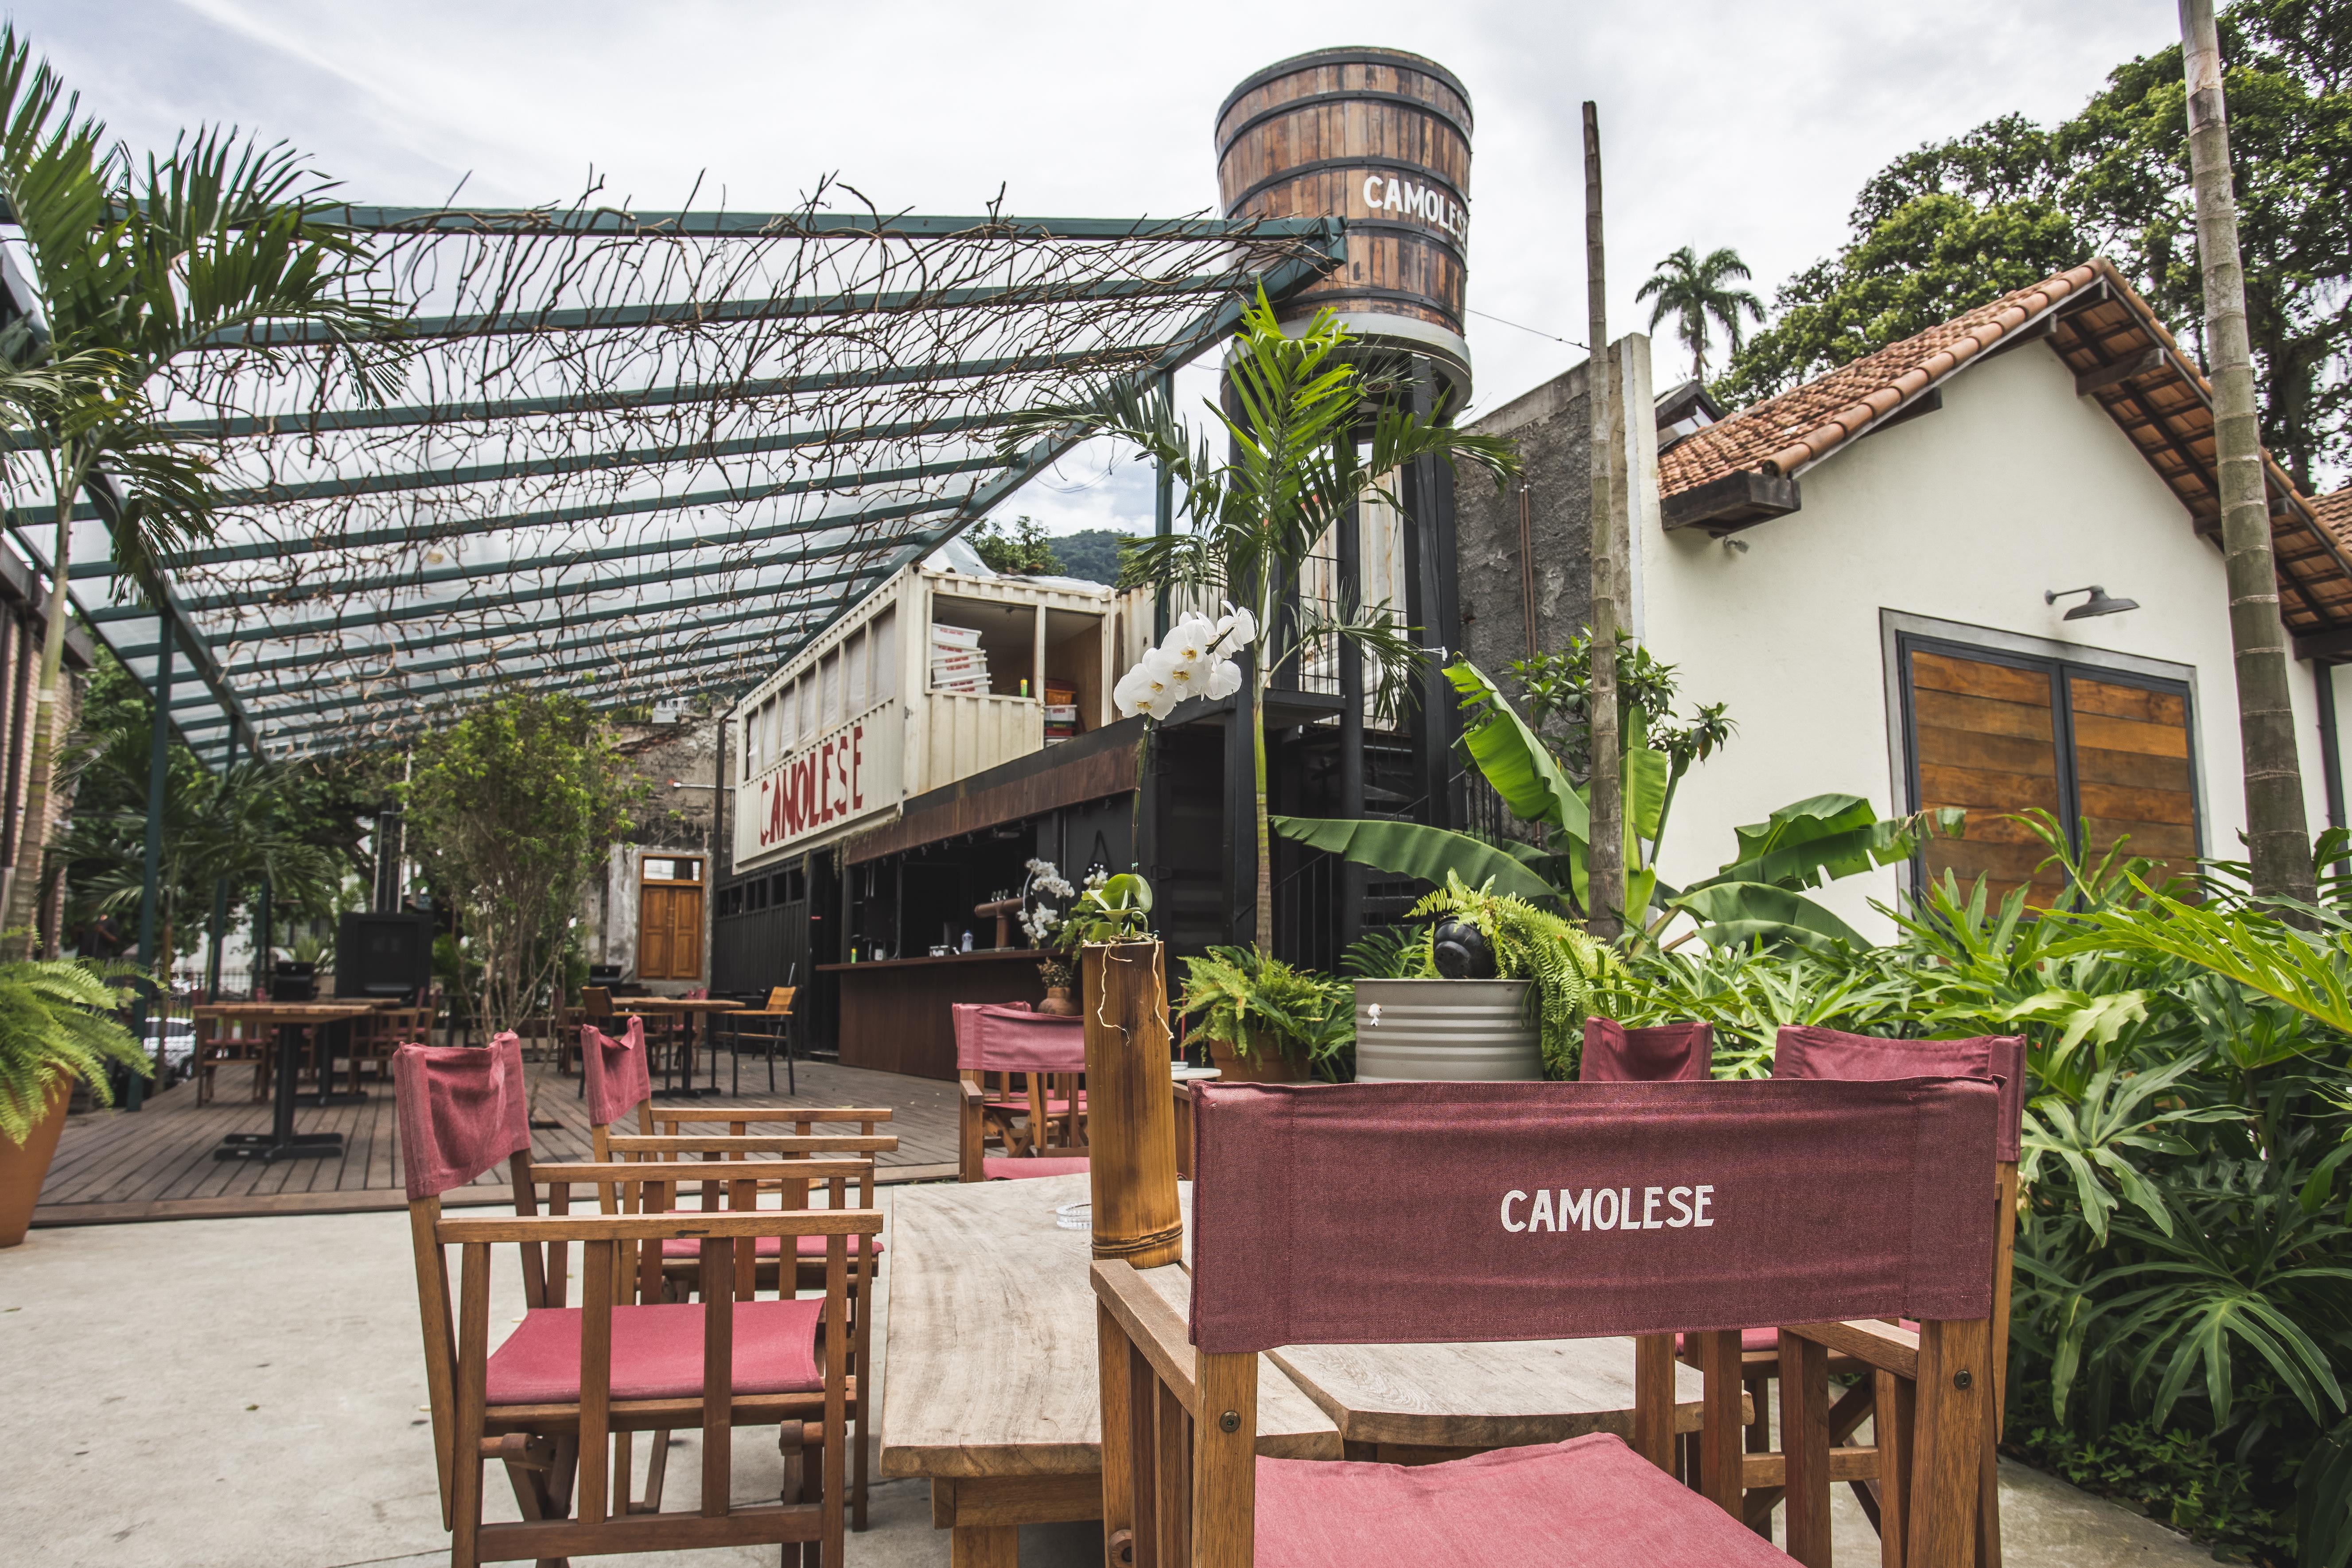 Varanda da Casa Camolese, no Jockey, com mesas e cadeiras